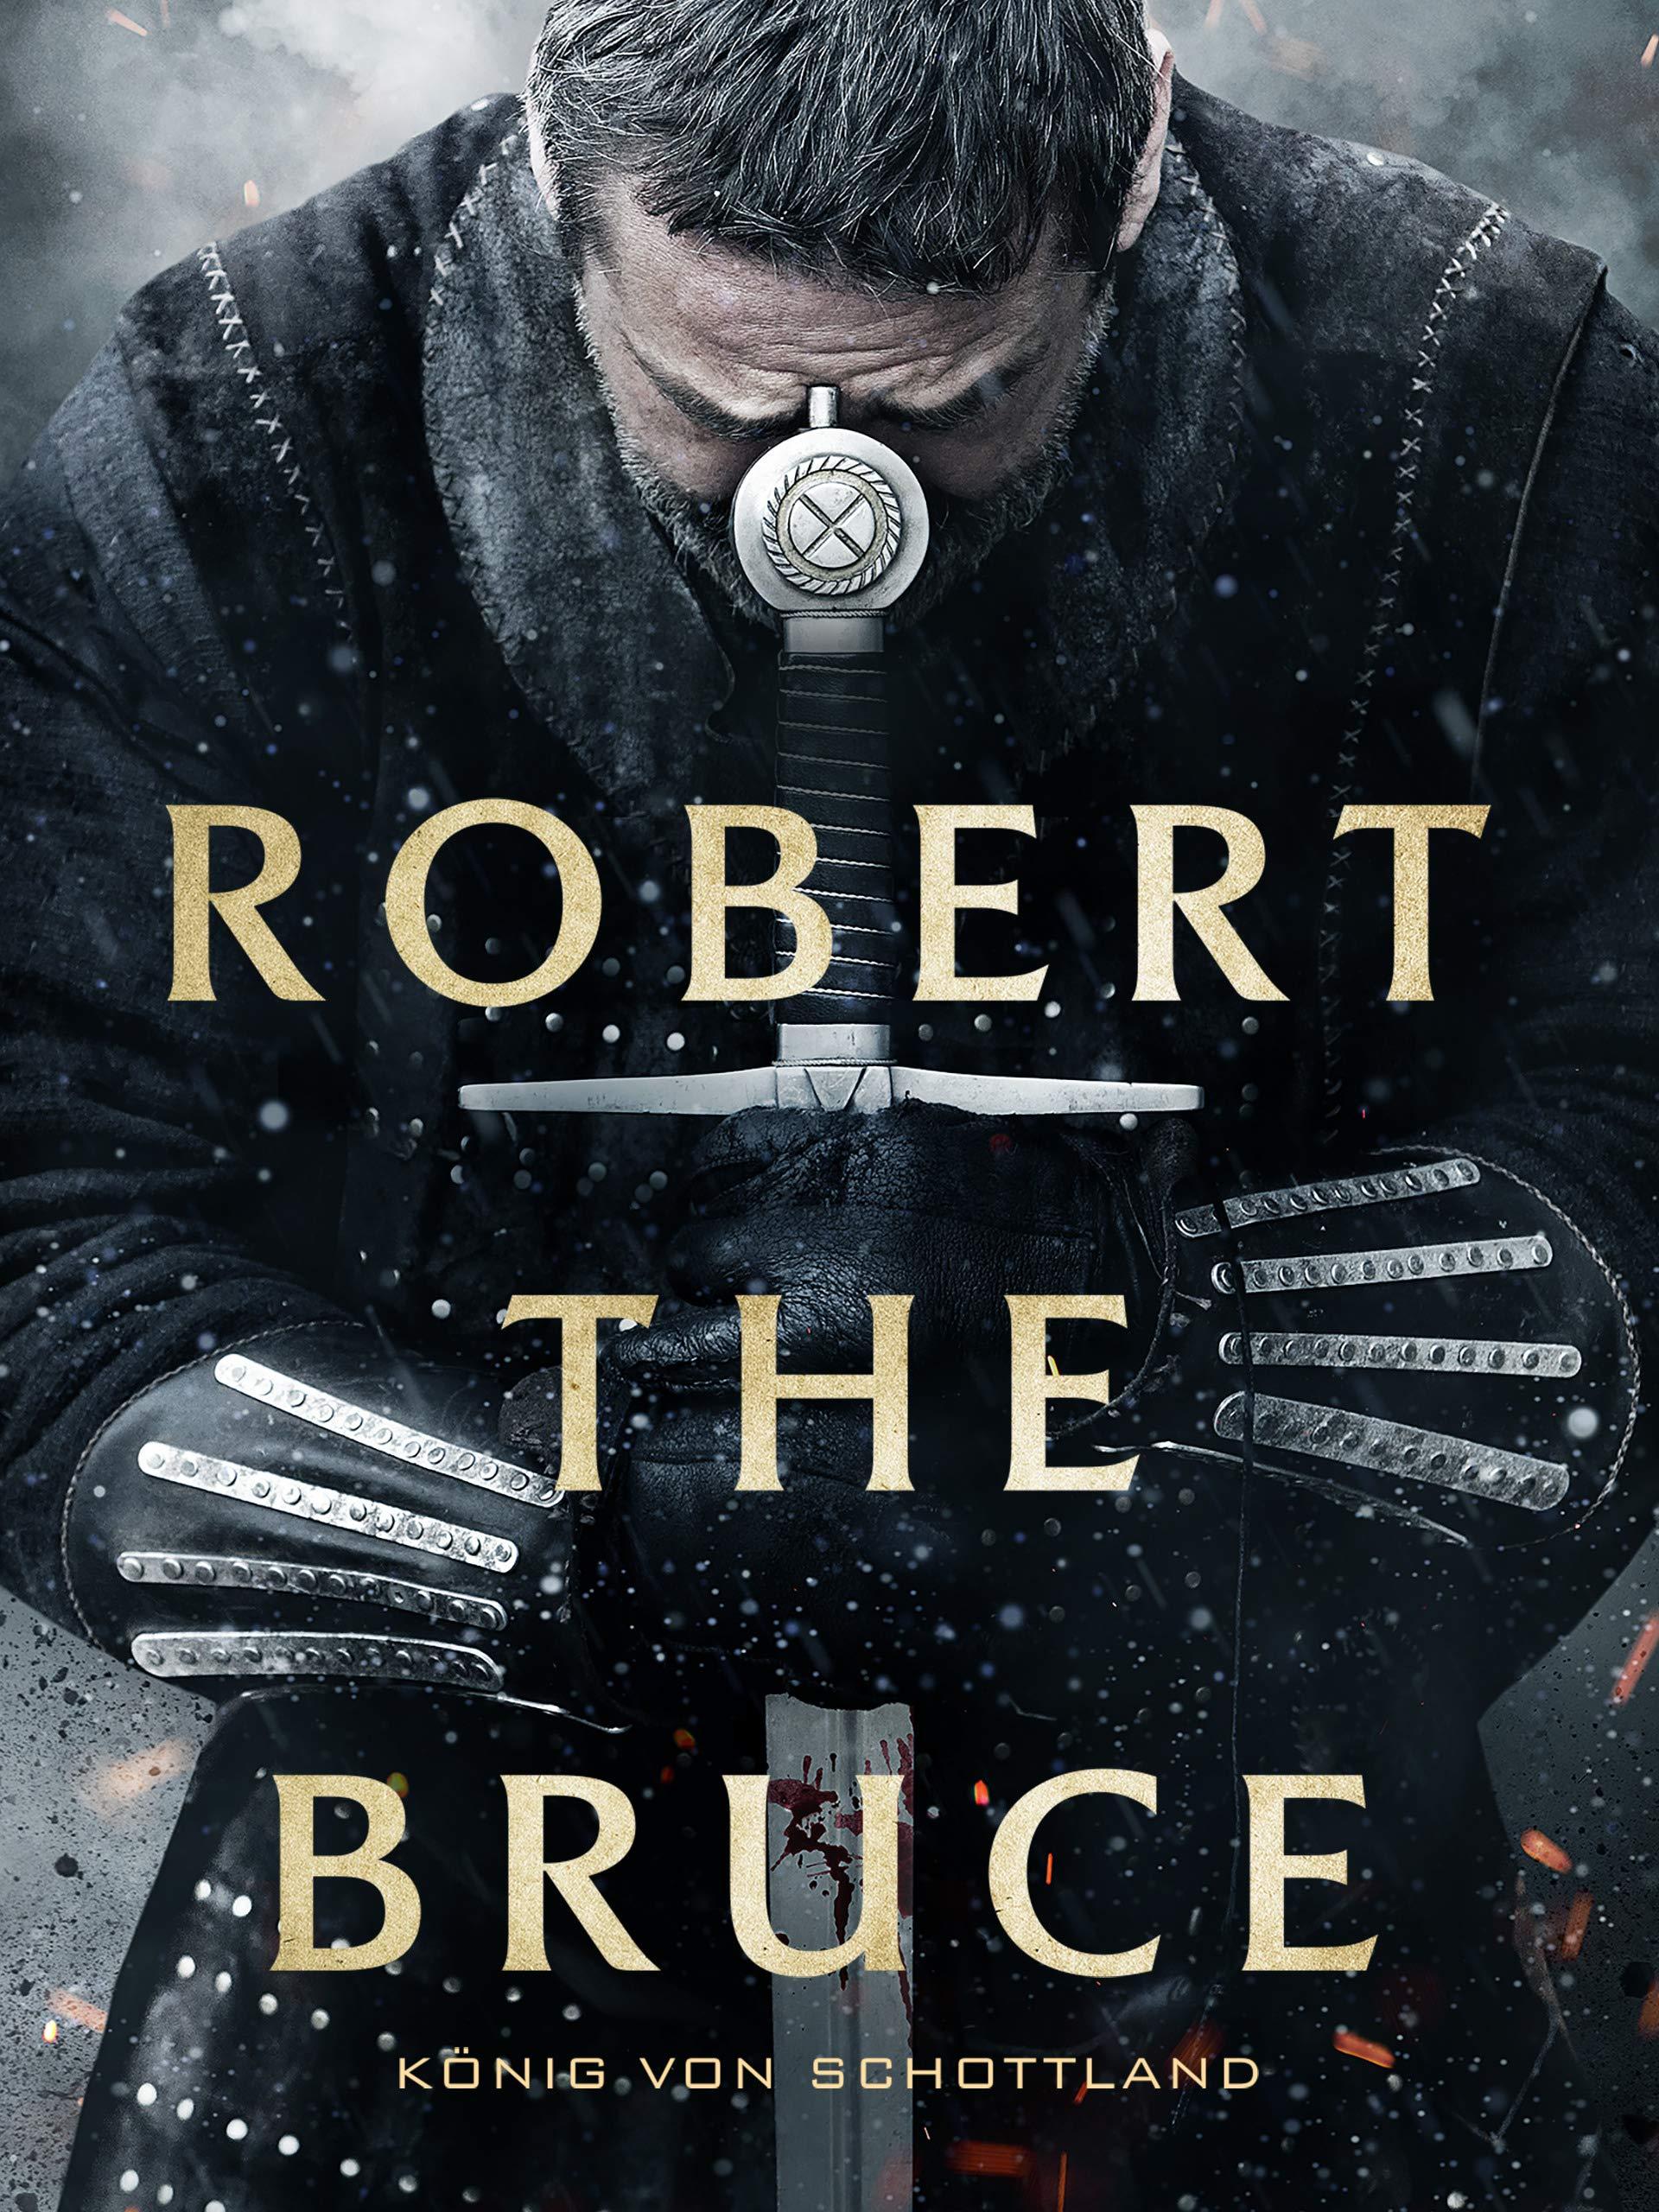 Amazon.de: Robert The Bruce - König von Schottland [dt./OV